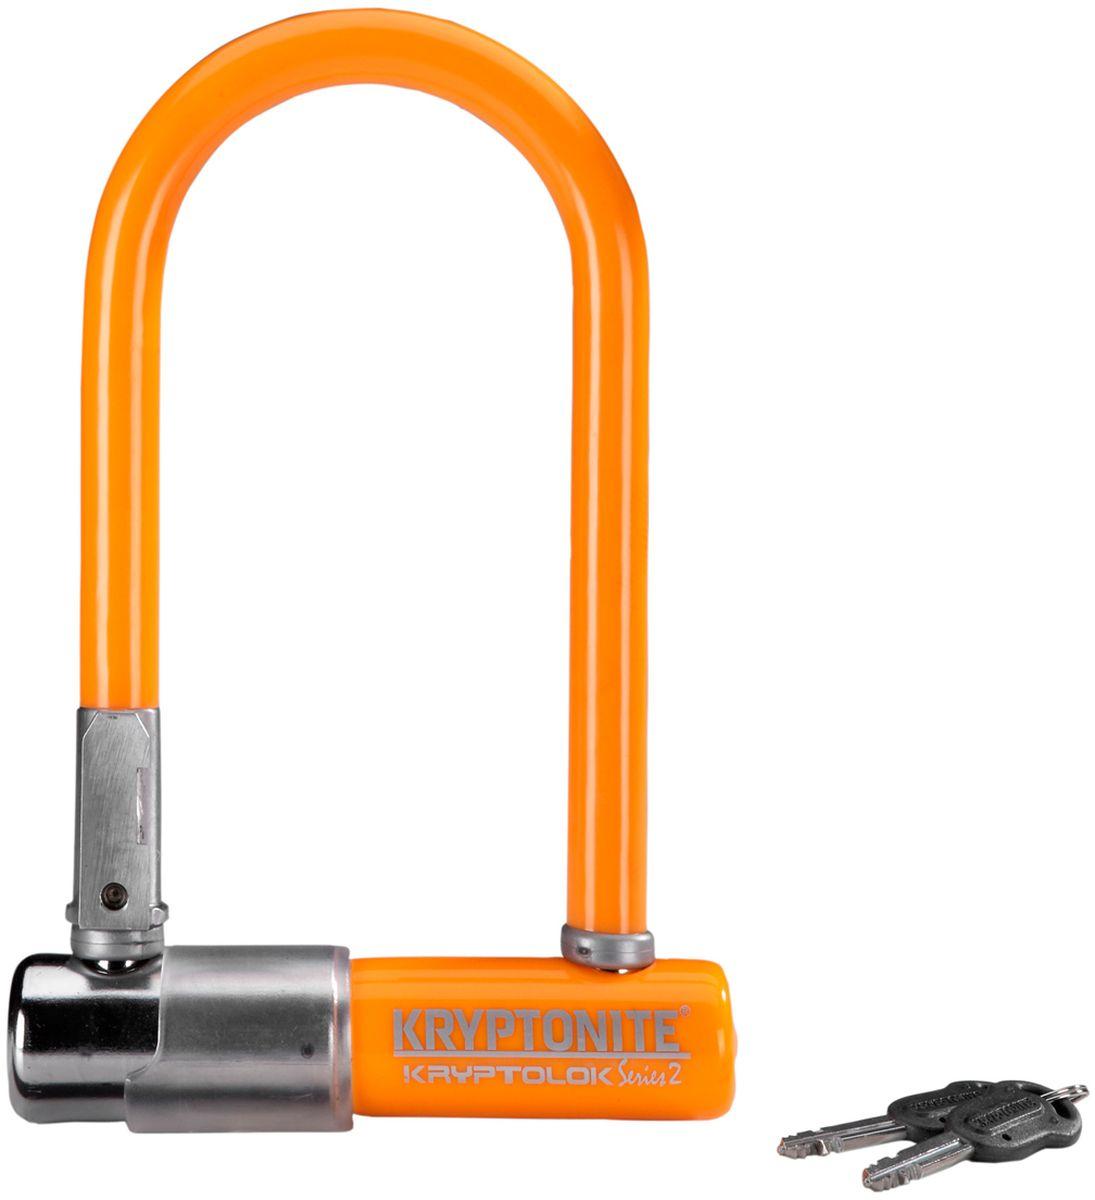 Замок велосипедный Kryptonite U-locks KryptoLok Series 2 Mini-7, цвет: оранжевый0720018001577Велозамок Kryptonite Kryptolok series 2 Mini-7 — компактный размер, надёжность и яркая цветовая гамма. Уникальный набор ключей, 13-ти миллиметровая дужка и двойная конструкция засова гарантированно не поддадутся кусачкам и взлому. Благодаря своим габаритам, u-lock легко возить с собой в сумке или за ремнем. - 13 мм закаленная стальная скоба - Система Transit Flex Frame-U для крепления к раме байка - Виниловое покрытие, не оставляющее царапин на раме - Защита от стука и шума - Защита от пыли и влаги - В комплекте идет 2 ключа - Программа Key Safe (возможность заказа нового ключа) - Silver Sold Secure (классификация надежности замков в Европе) - Уровень защиты 6 из 10 Диаметр дуги замка: 13 мм Размеры замка: 8,2 х 17 см Вес модели: 1,11 кг.